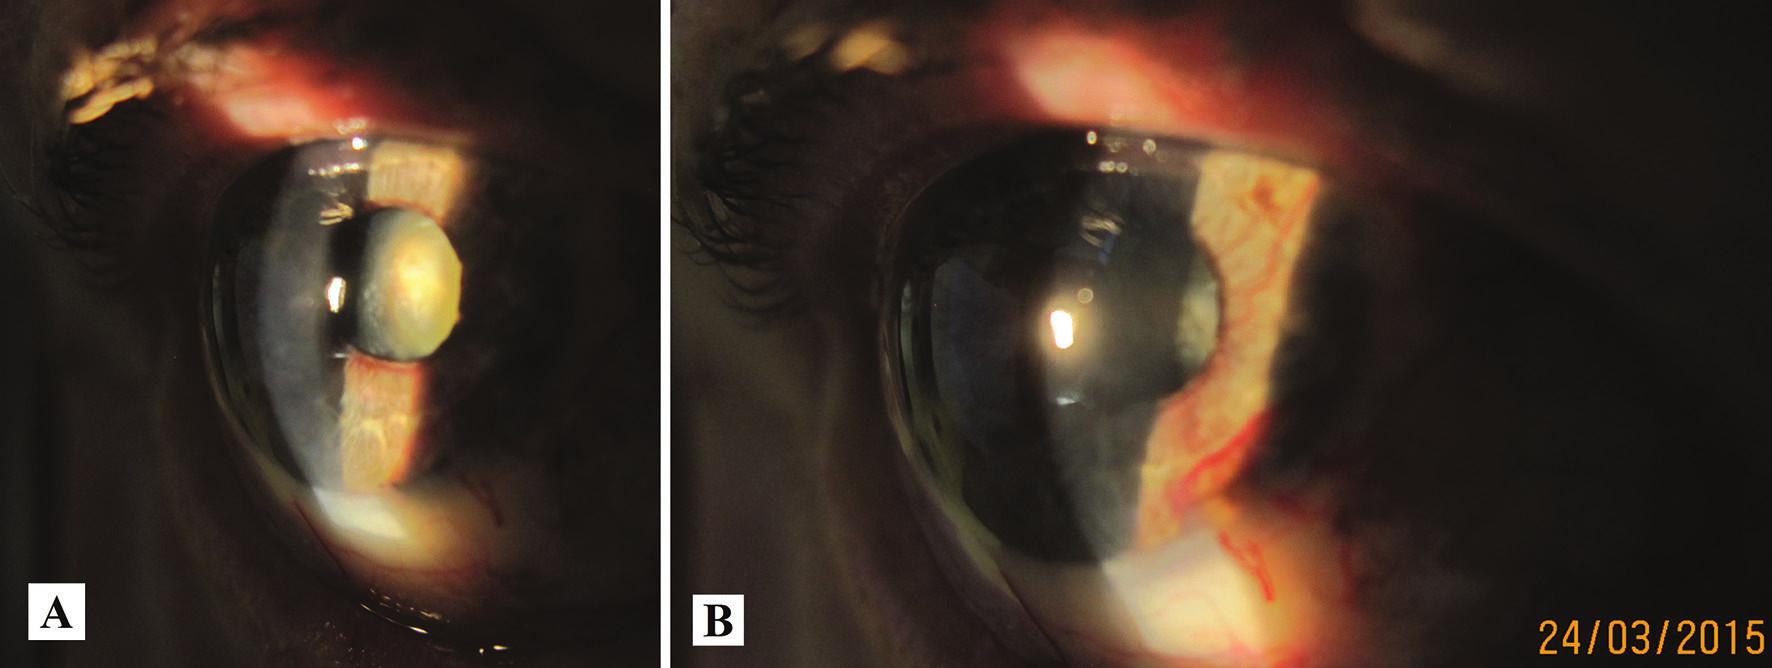 Makrofoto predného segmentu oka toho istého pacienta v r. 2015 – progresia katarakty (A), zvýraznenie neovaskularizácie dúhovky (B)